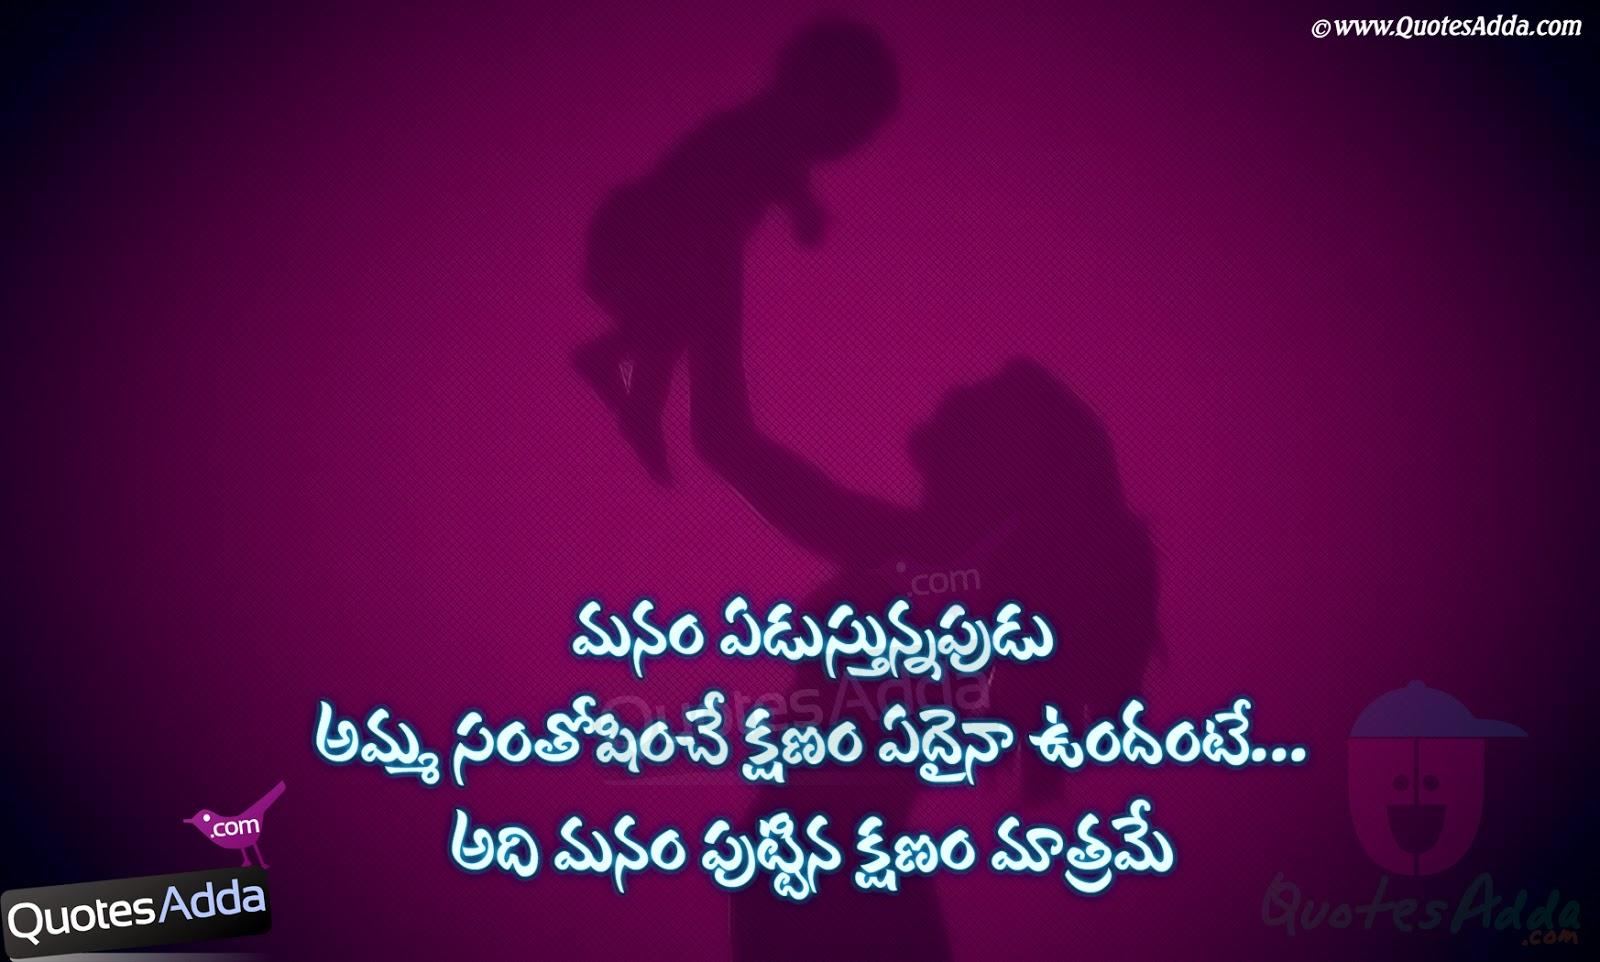 Telugu Mother Quotes Amma Kavithalu Telugu Lo Telugu 1600x962 Download Hd Wallpaper Wallpapertip